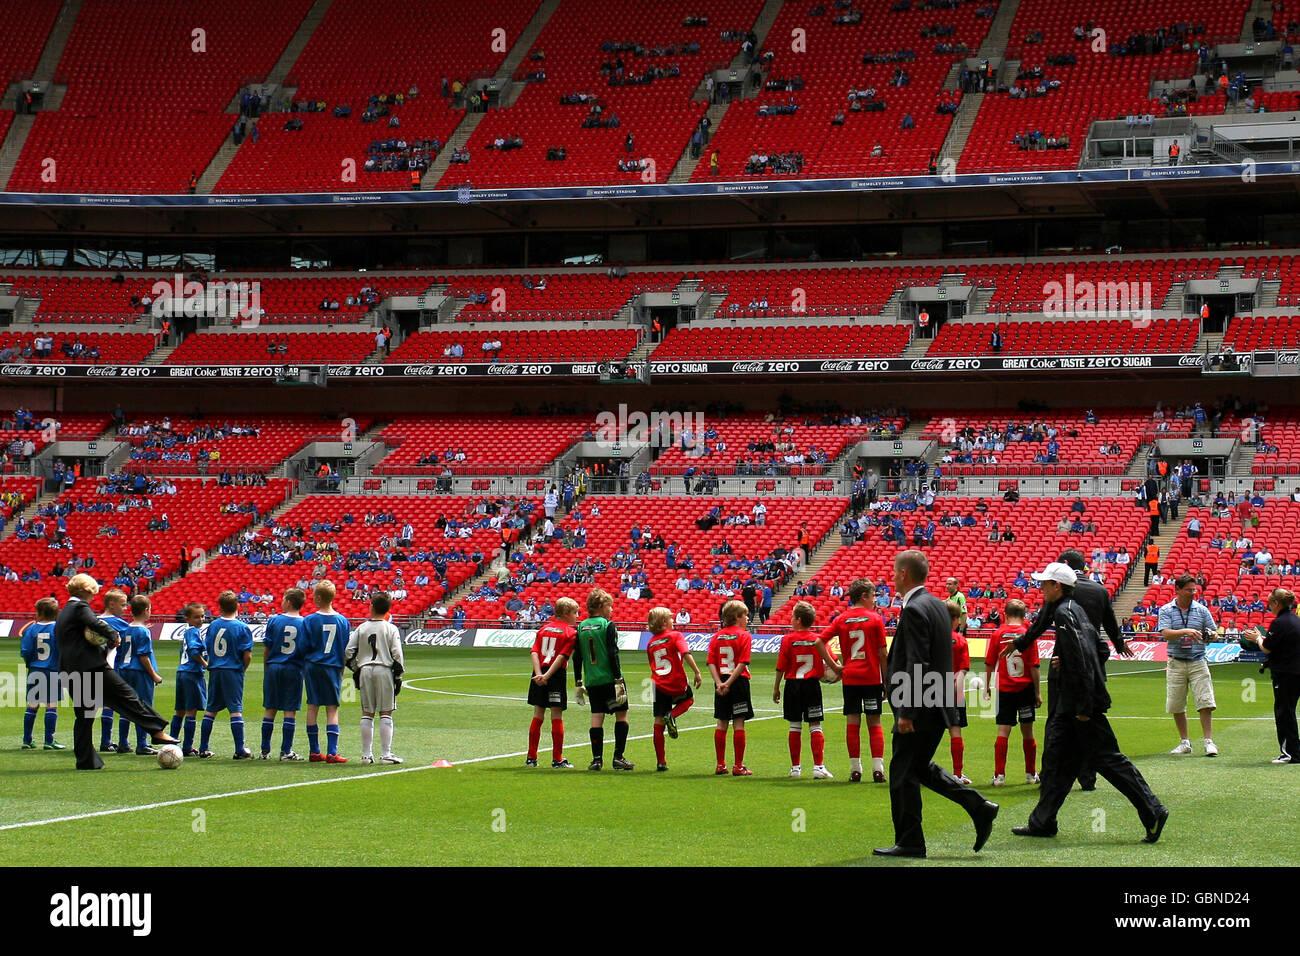 Fútbol - Liga de Fútbol Coca-Cola Dos - Play off - Final - Gillingham v Shrewsbury Town - Wembley Stadium Foto de stock